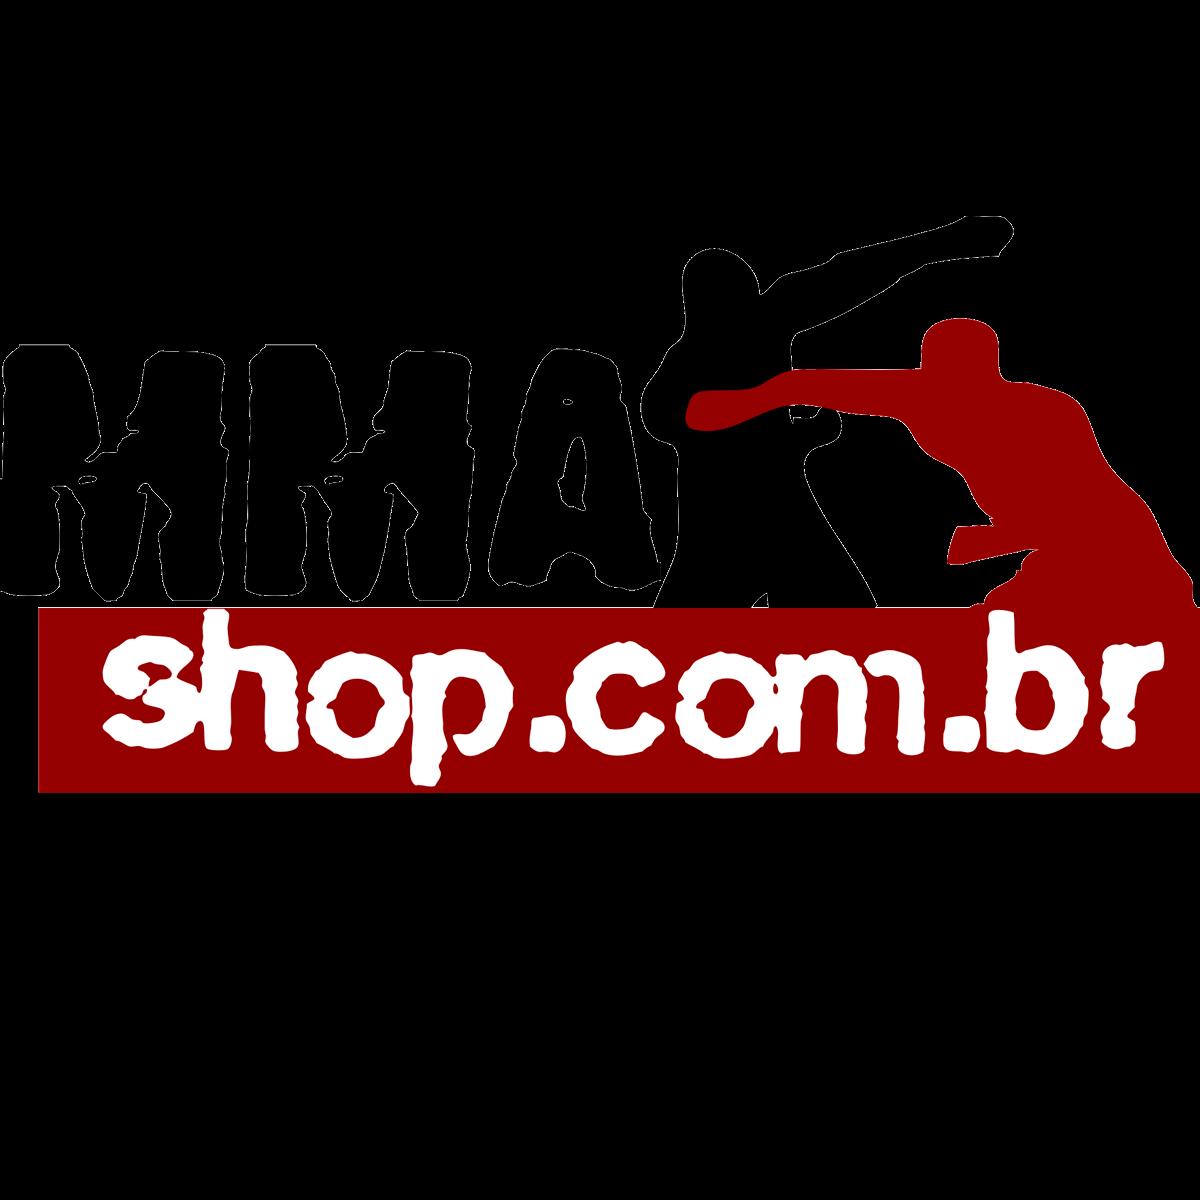 MMAShop - A Loja que Luta com Qualidade